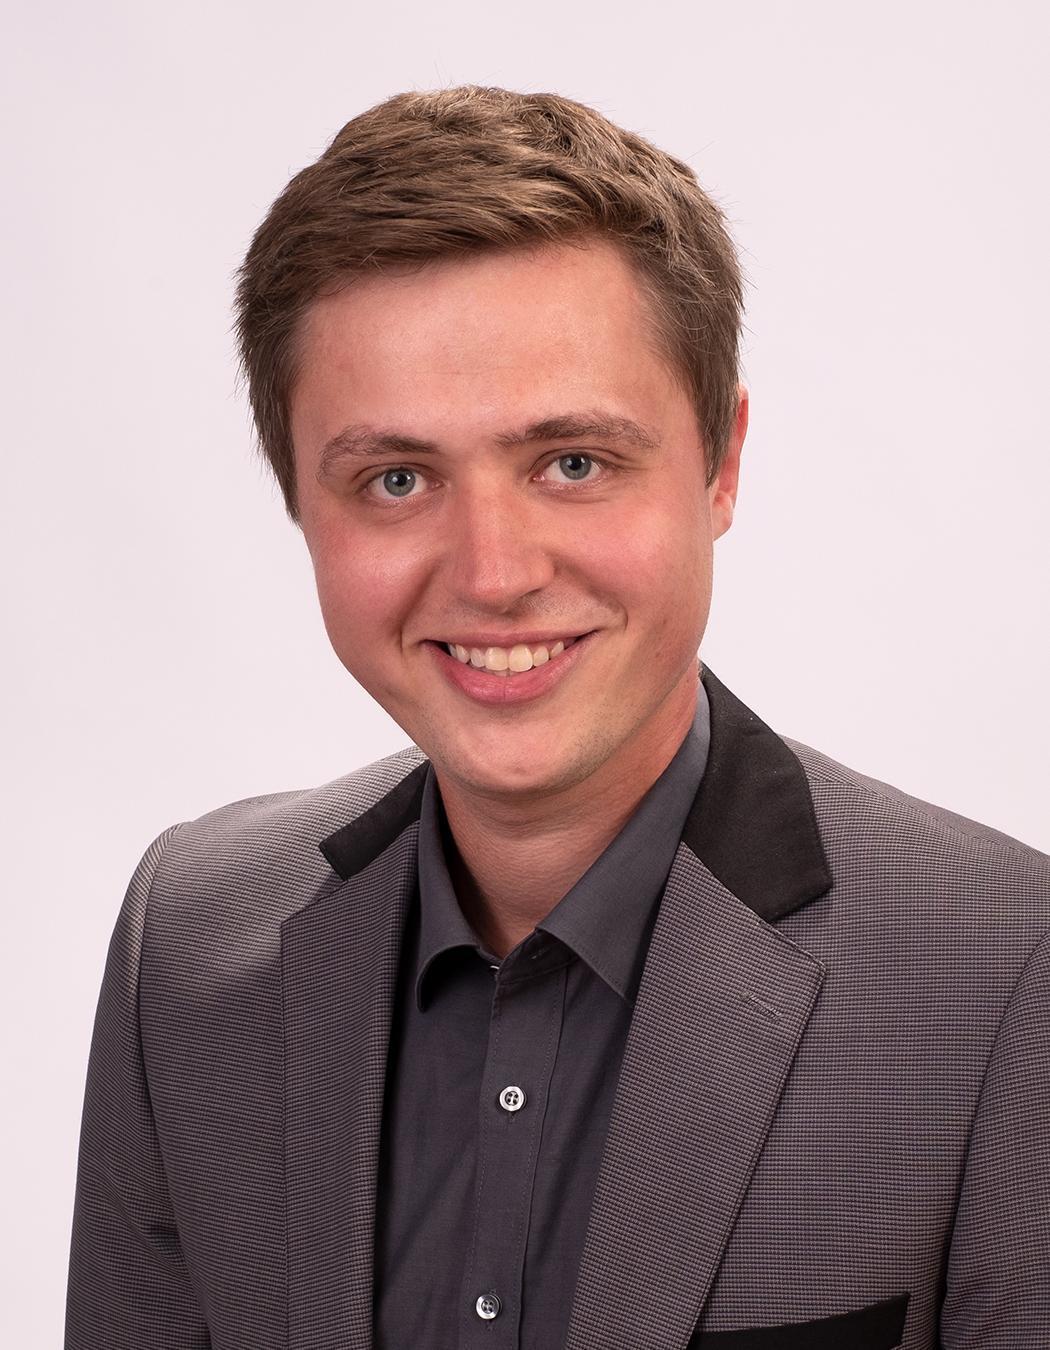 Simon Schricker